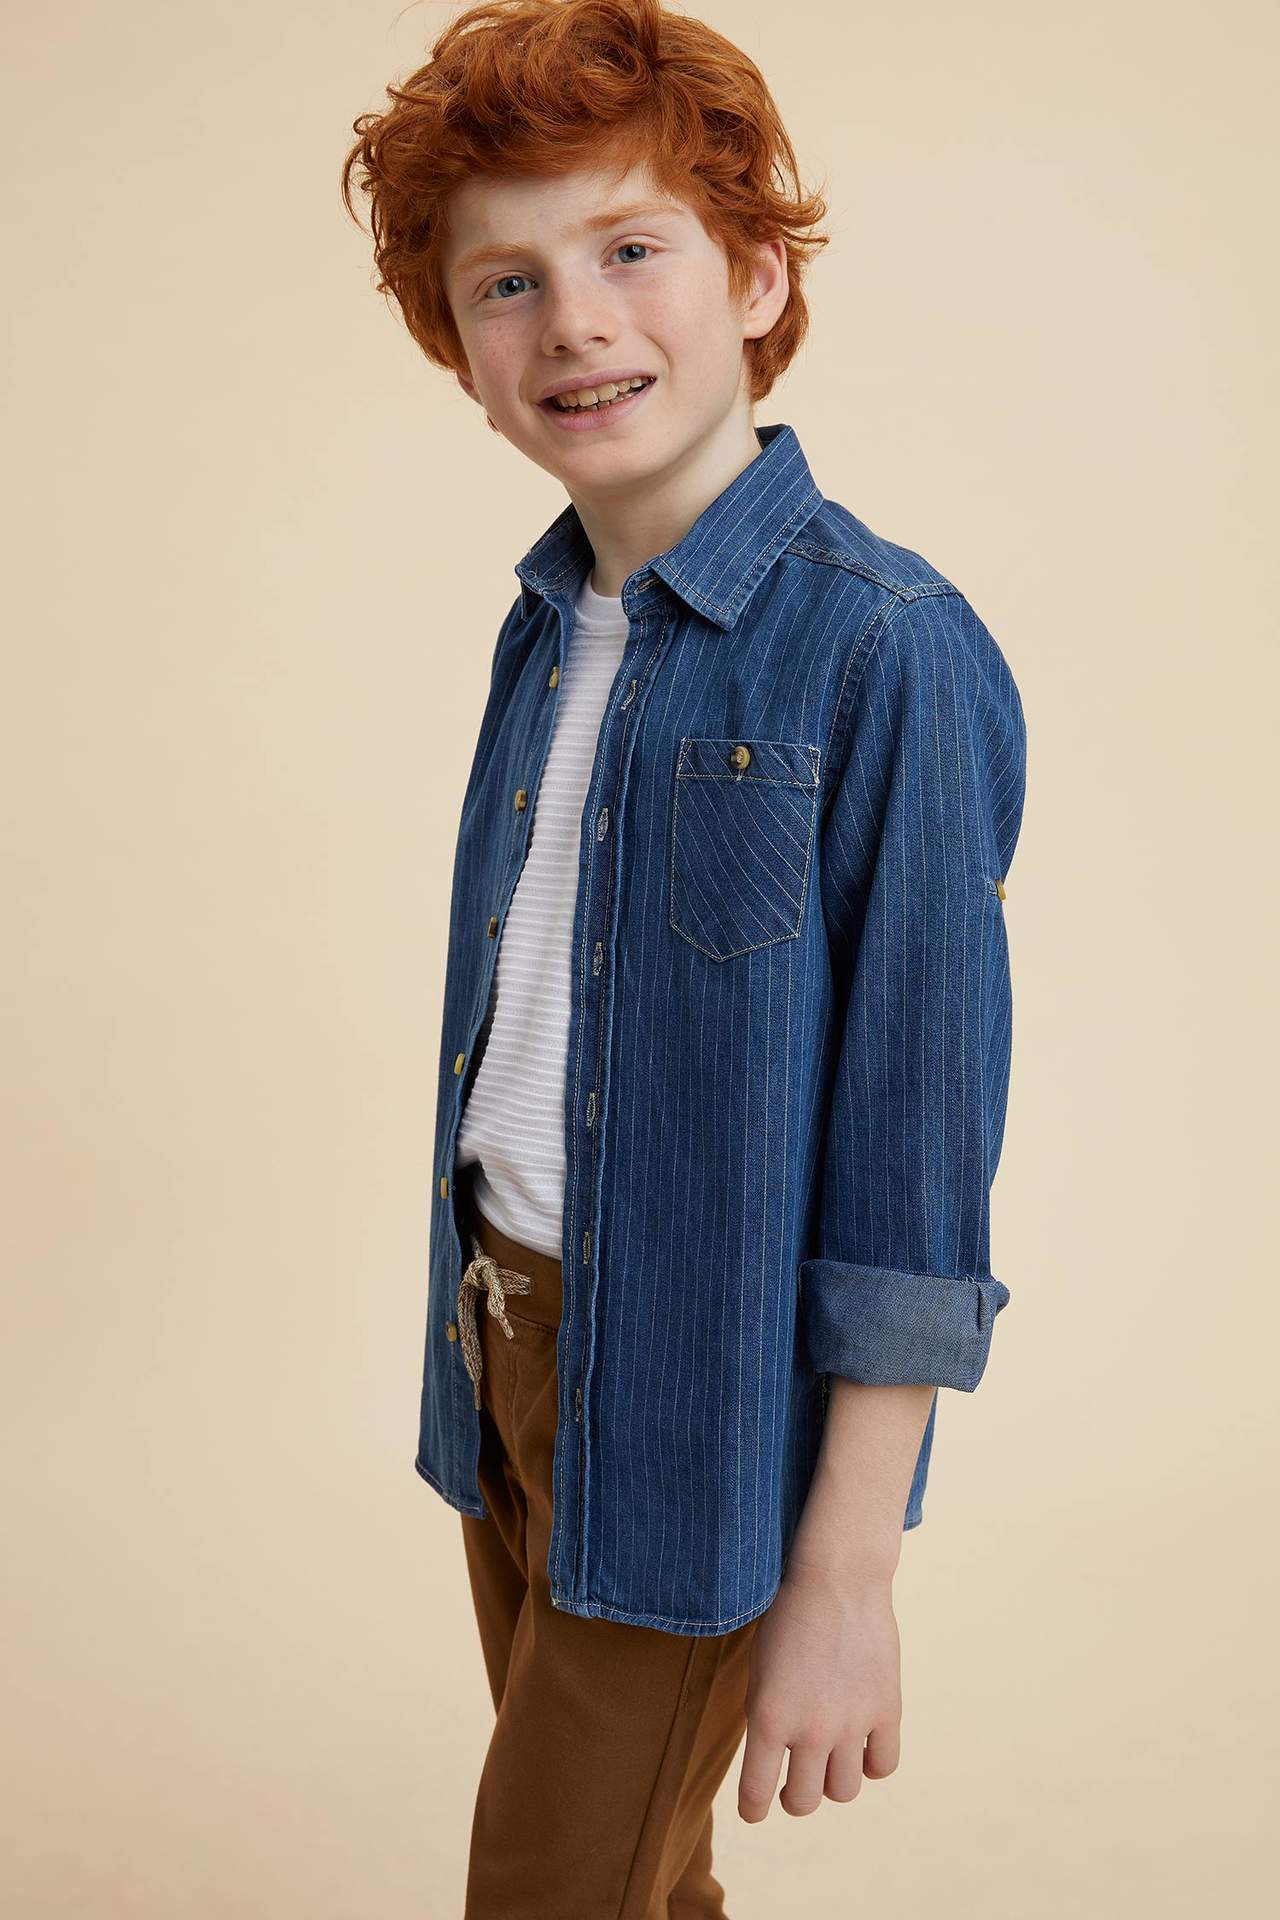 DeFacto Erkek Çocuk Tek Cep Çizgili Kolu Katlamalı Jean Gömlek Mavi male